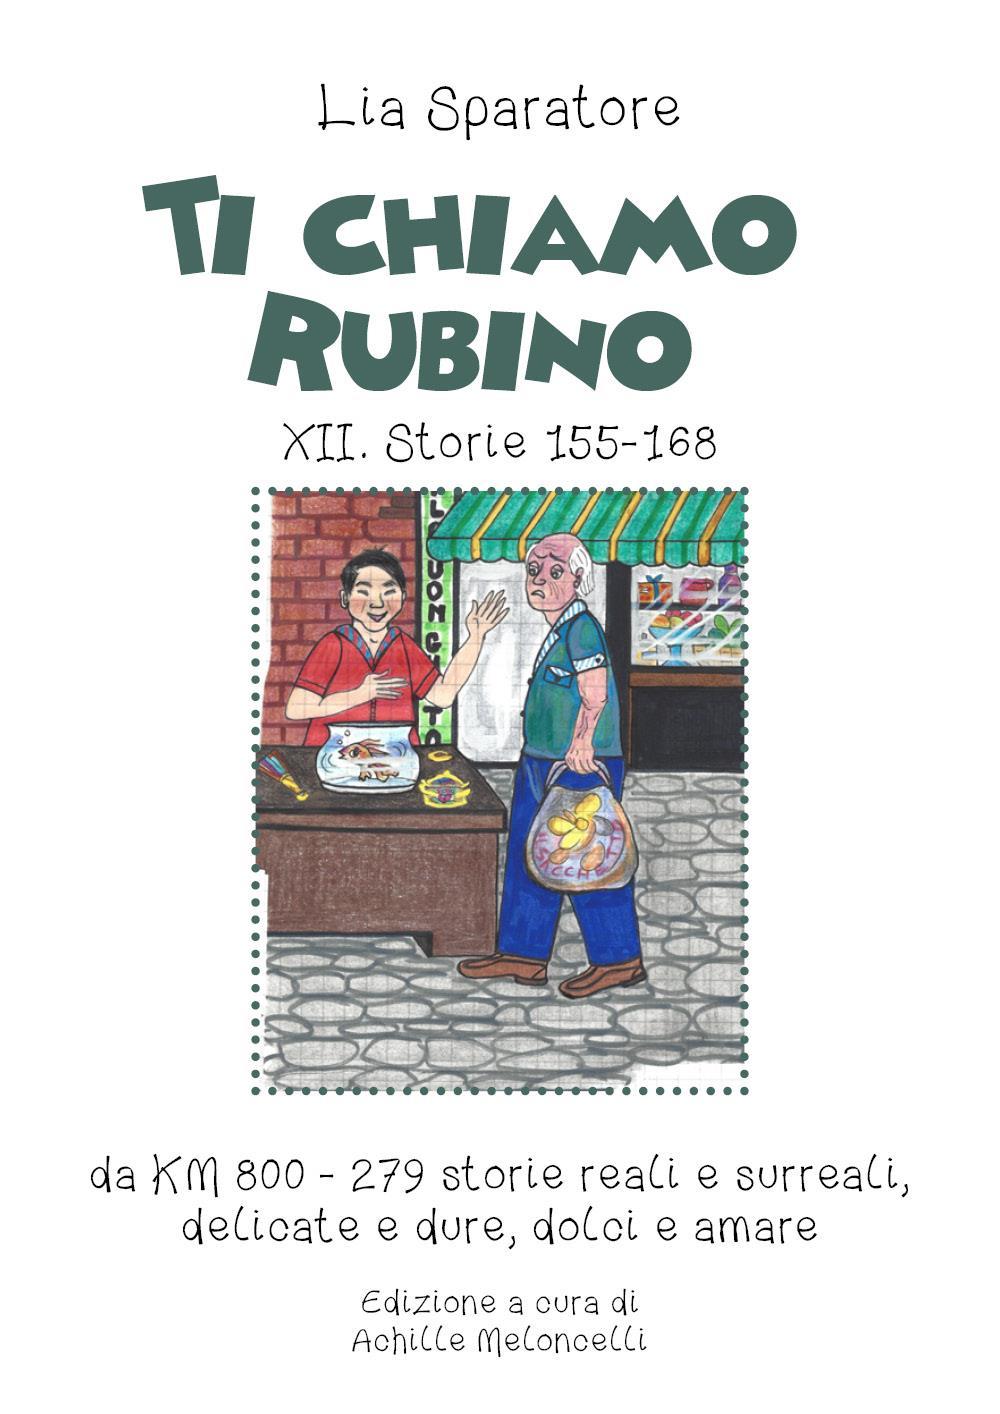 Ti chiamo Rubino XII. Storie 155-168, da KM 800 - 279 storie reali e surreali, delicate e dure, dolci e amare